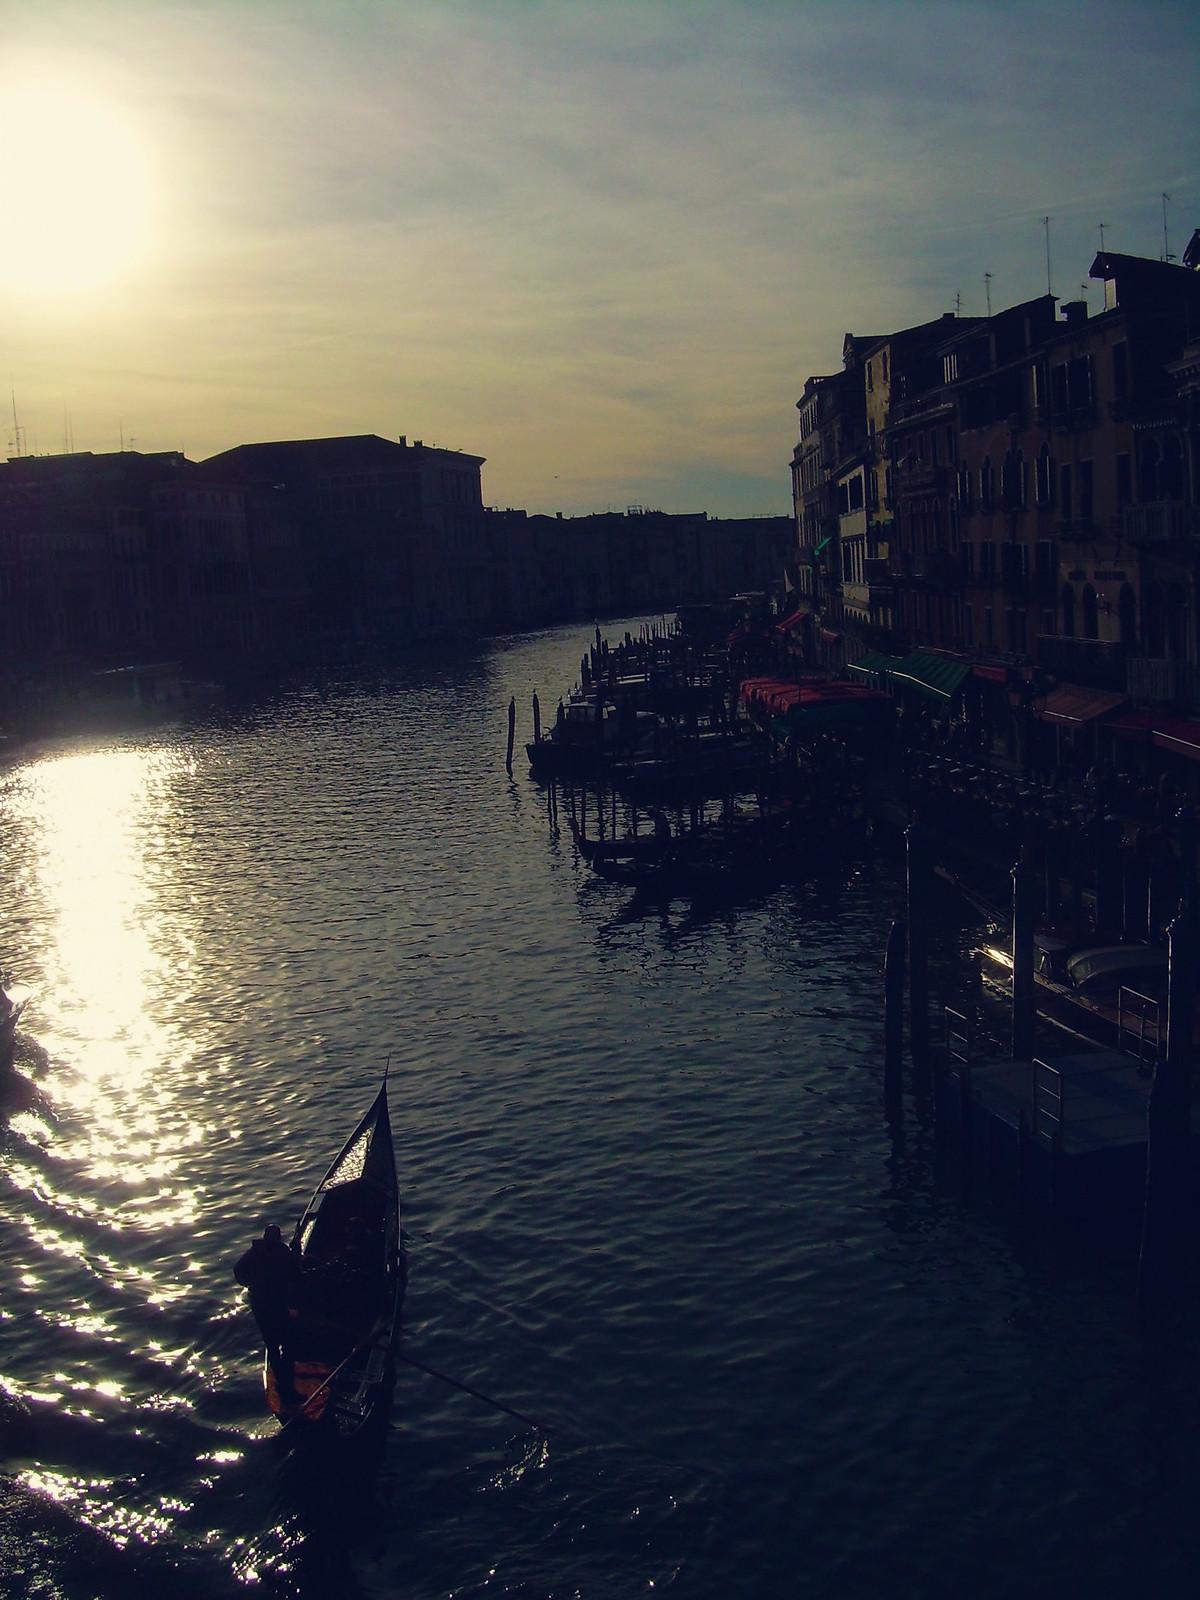 Venice sunset scene